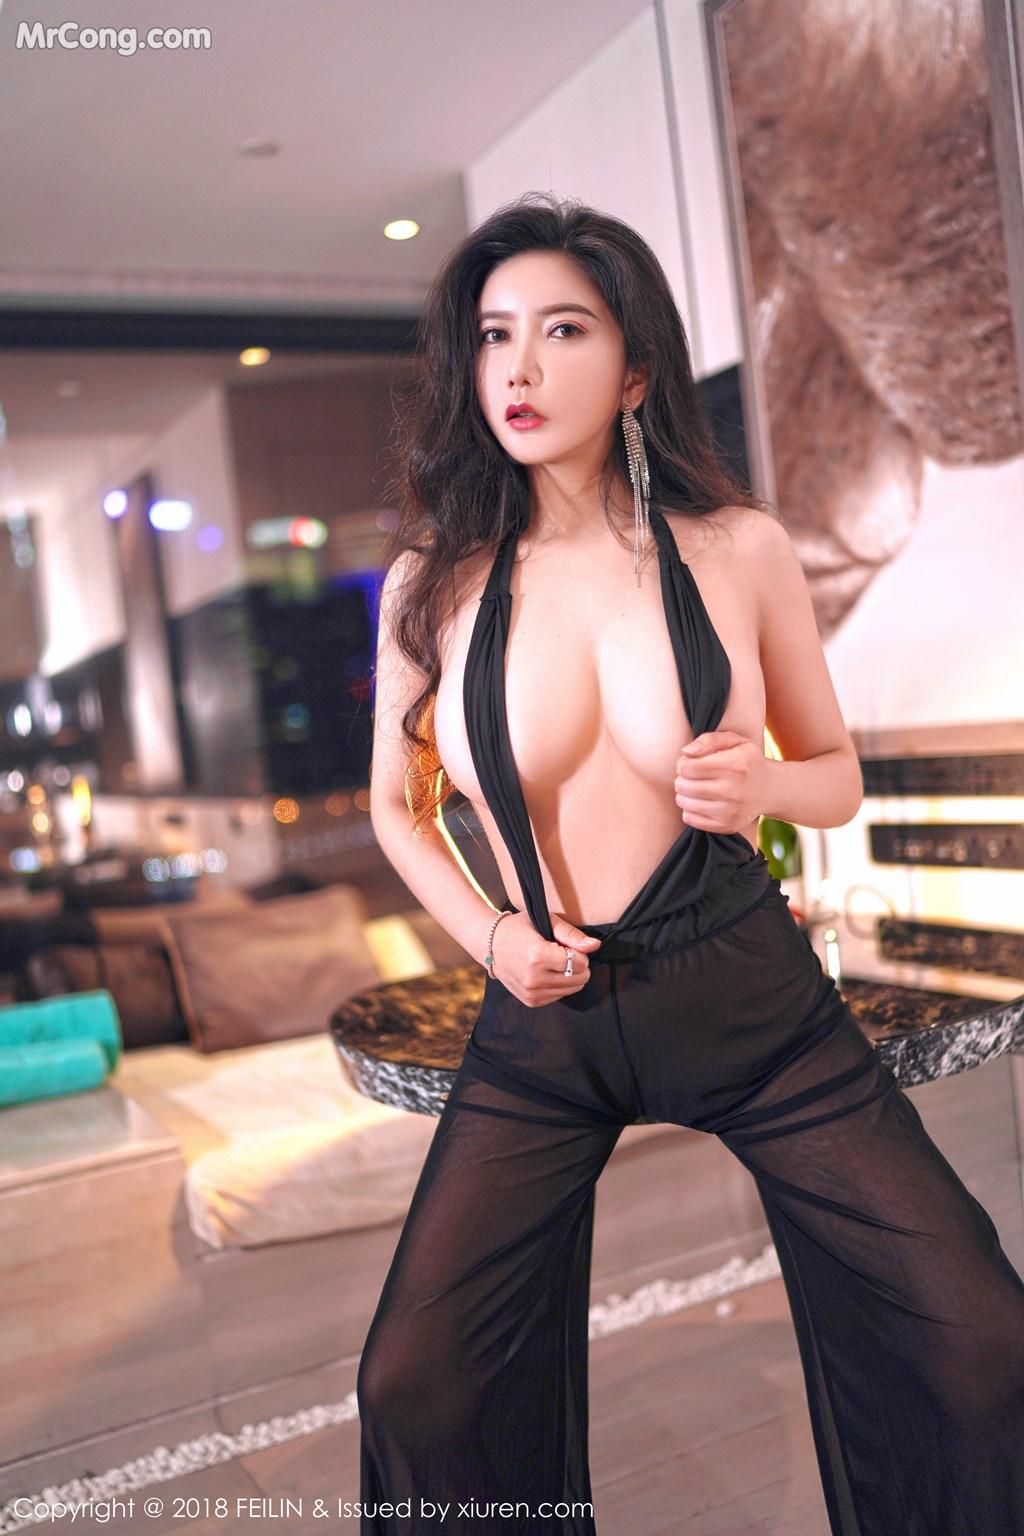 Image FEILIN-Vol.130-Xin-Yan-Gong-Zhu-MrCong.com-007 in post FEILIN Vol.130: Người mẫu Xin Yan Gong Zhu (心妍公主) (39 ảnh)